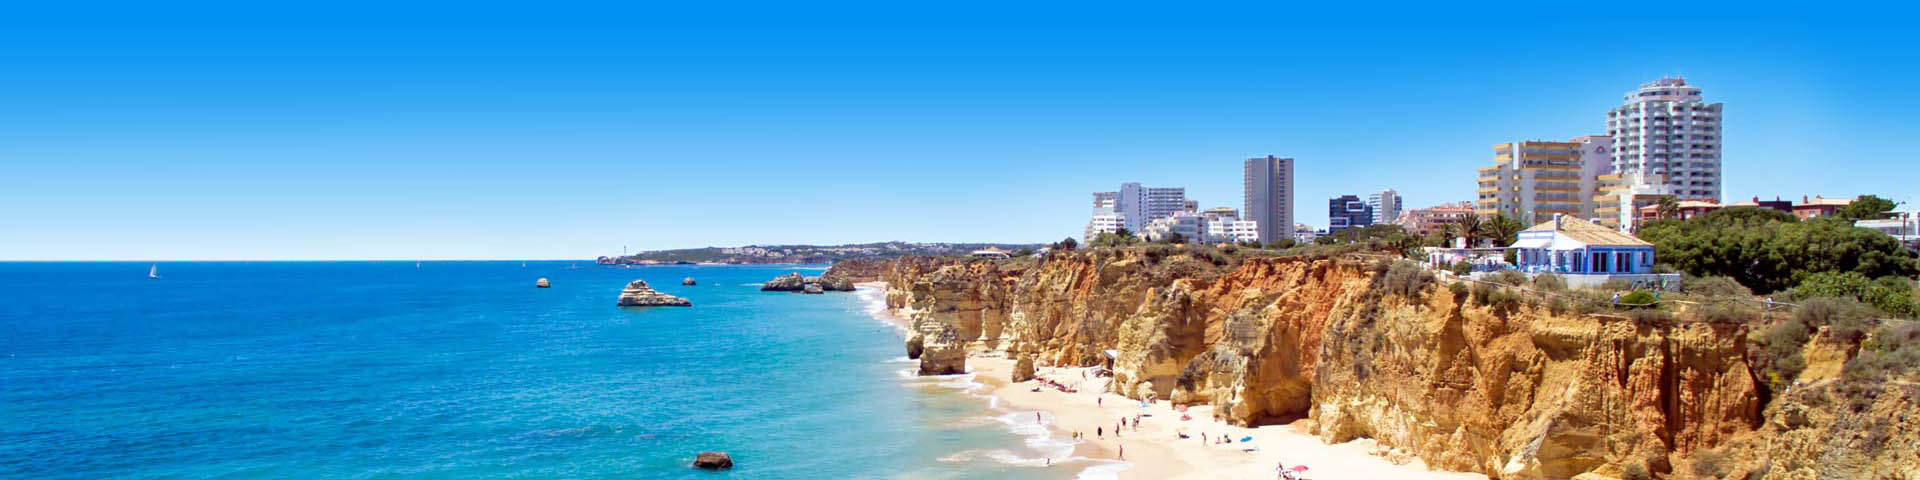 Prachtige Panorama van een Portugees strand met azuurblauwe zee, met bergen en stad in de verte.